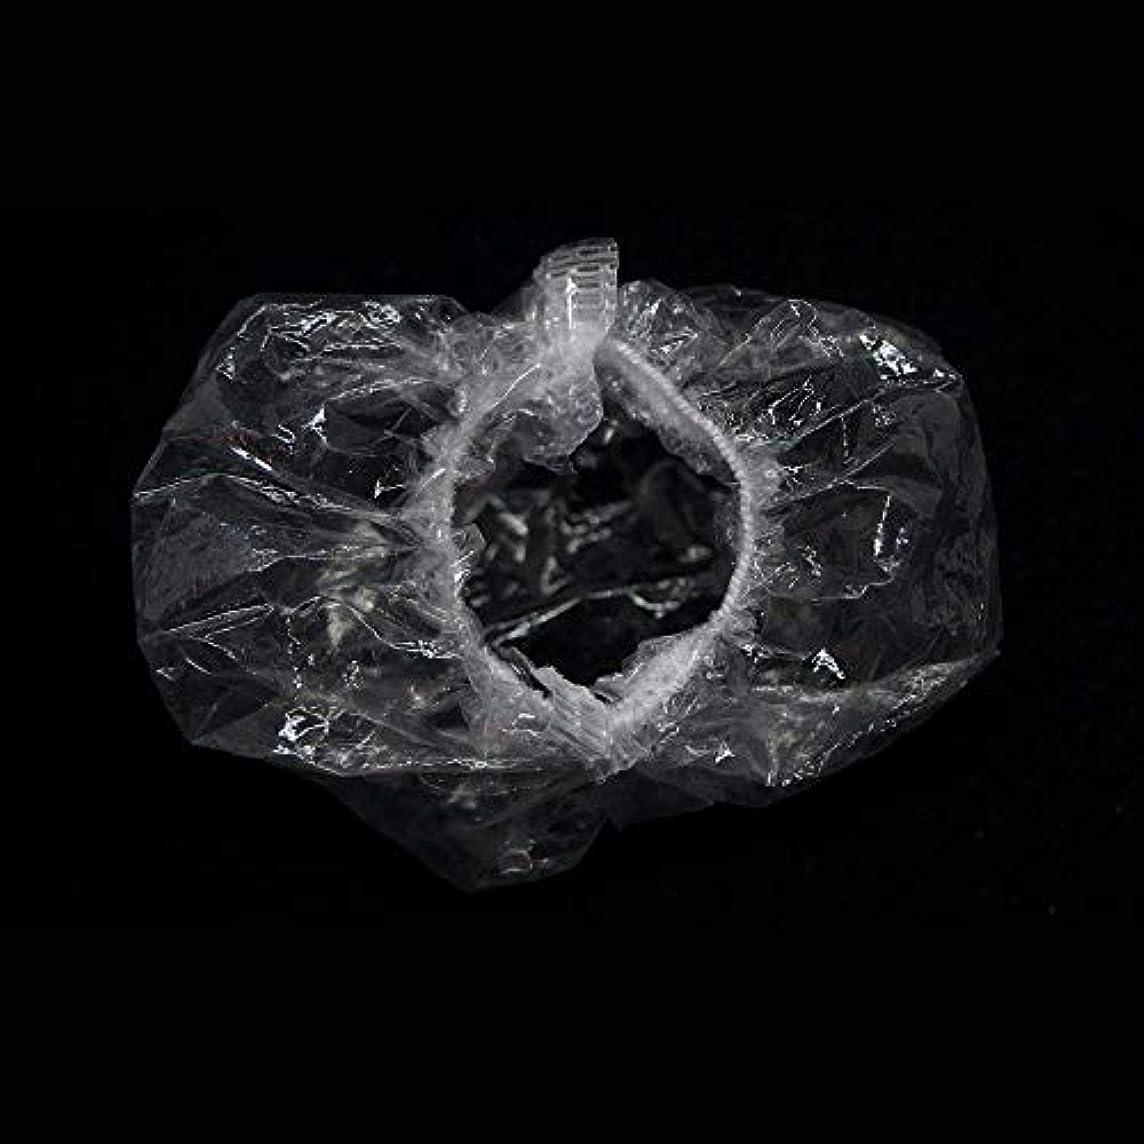 要求定規汚す250枚セット耳カバー 毛染め 使い捨て耳キャップ イヤーキャップ使い捨てで衛生的にお使い頂けます